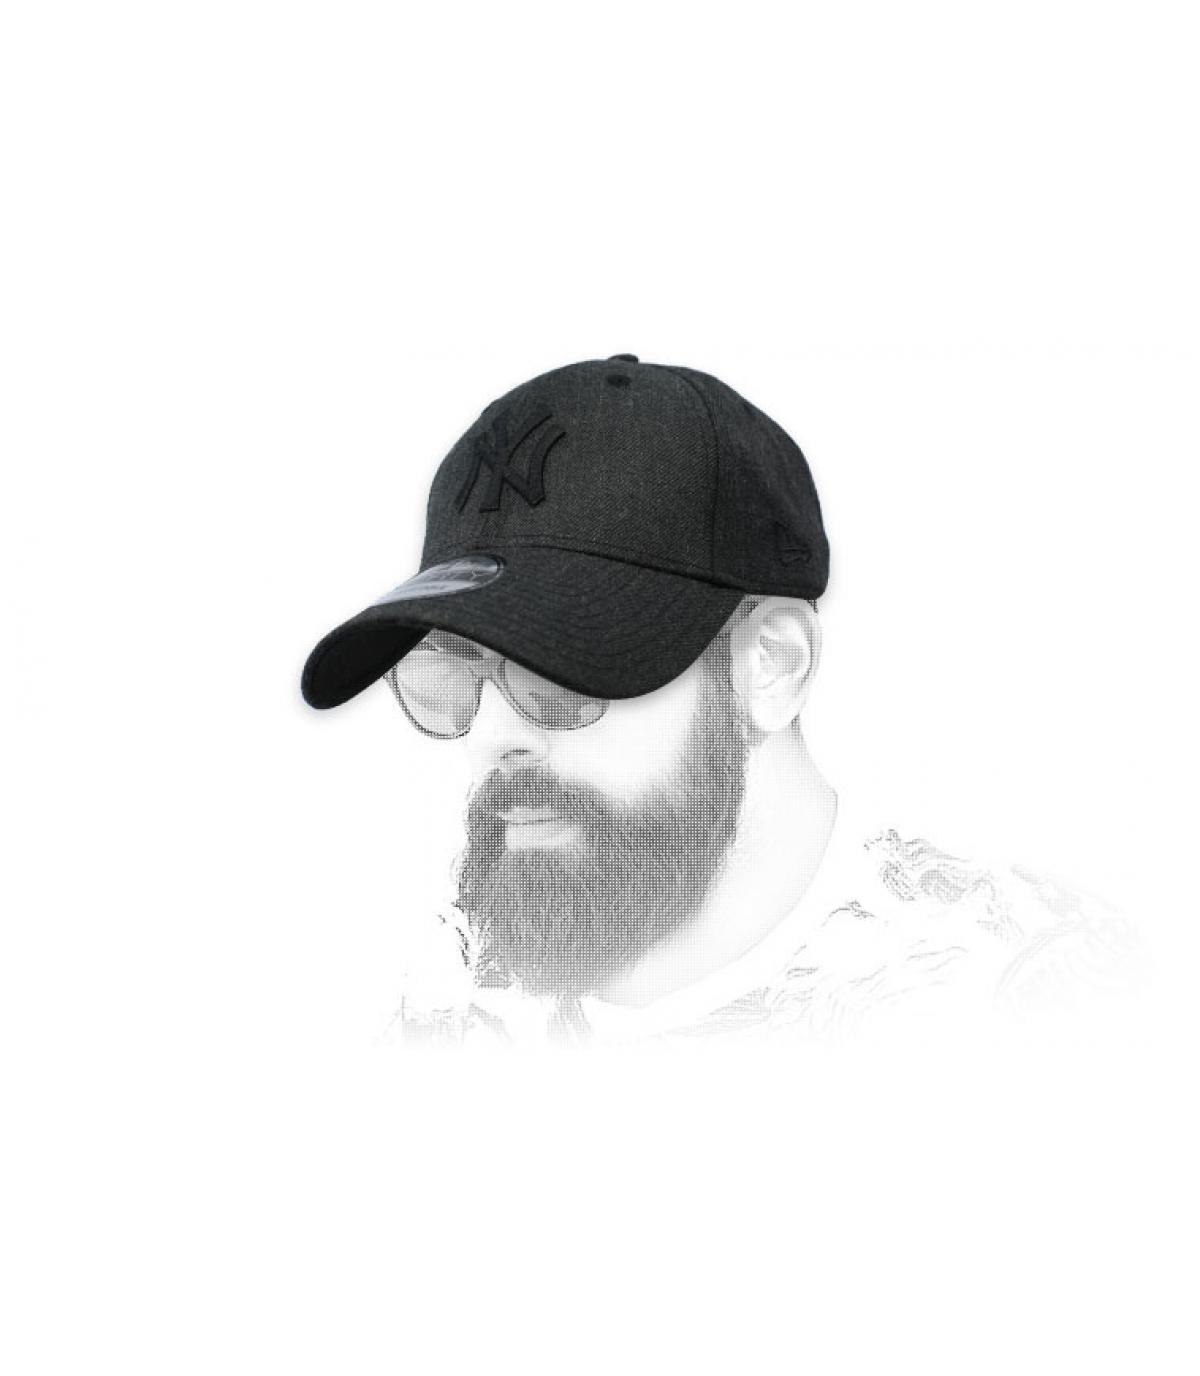 New Era heather - New Era heather cap - Headict eeb08a97f44